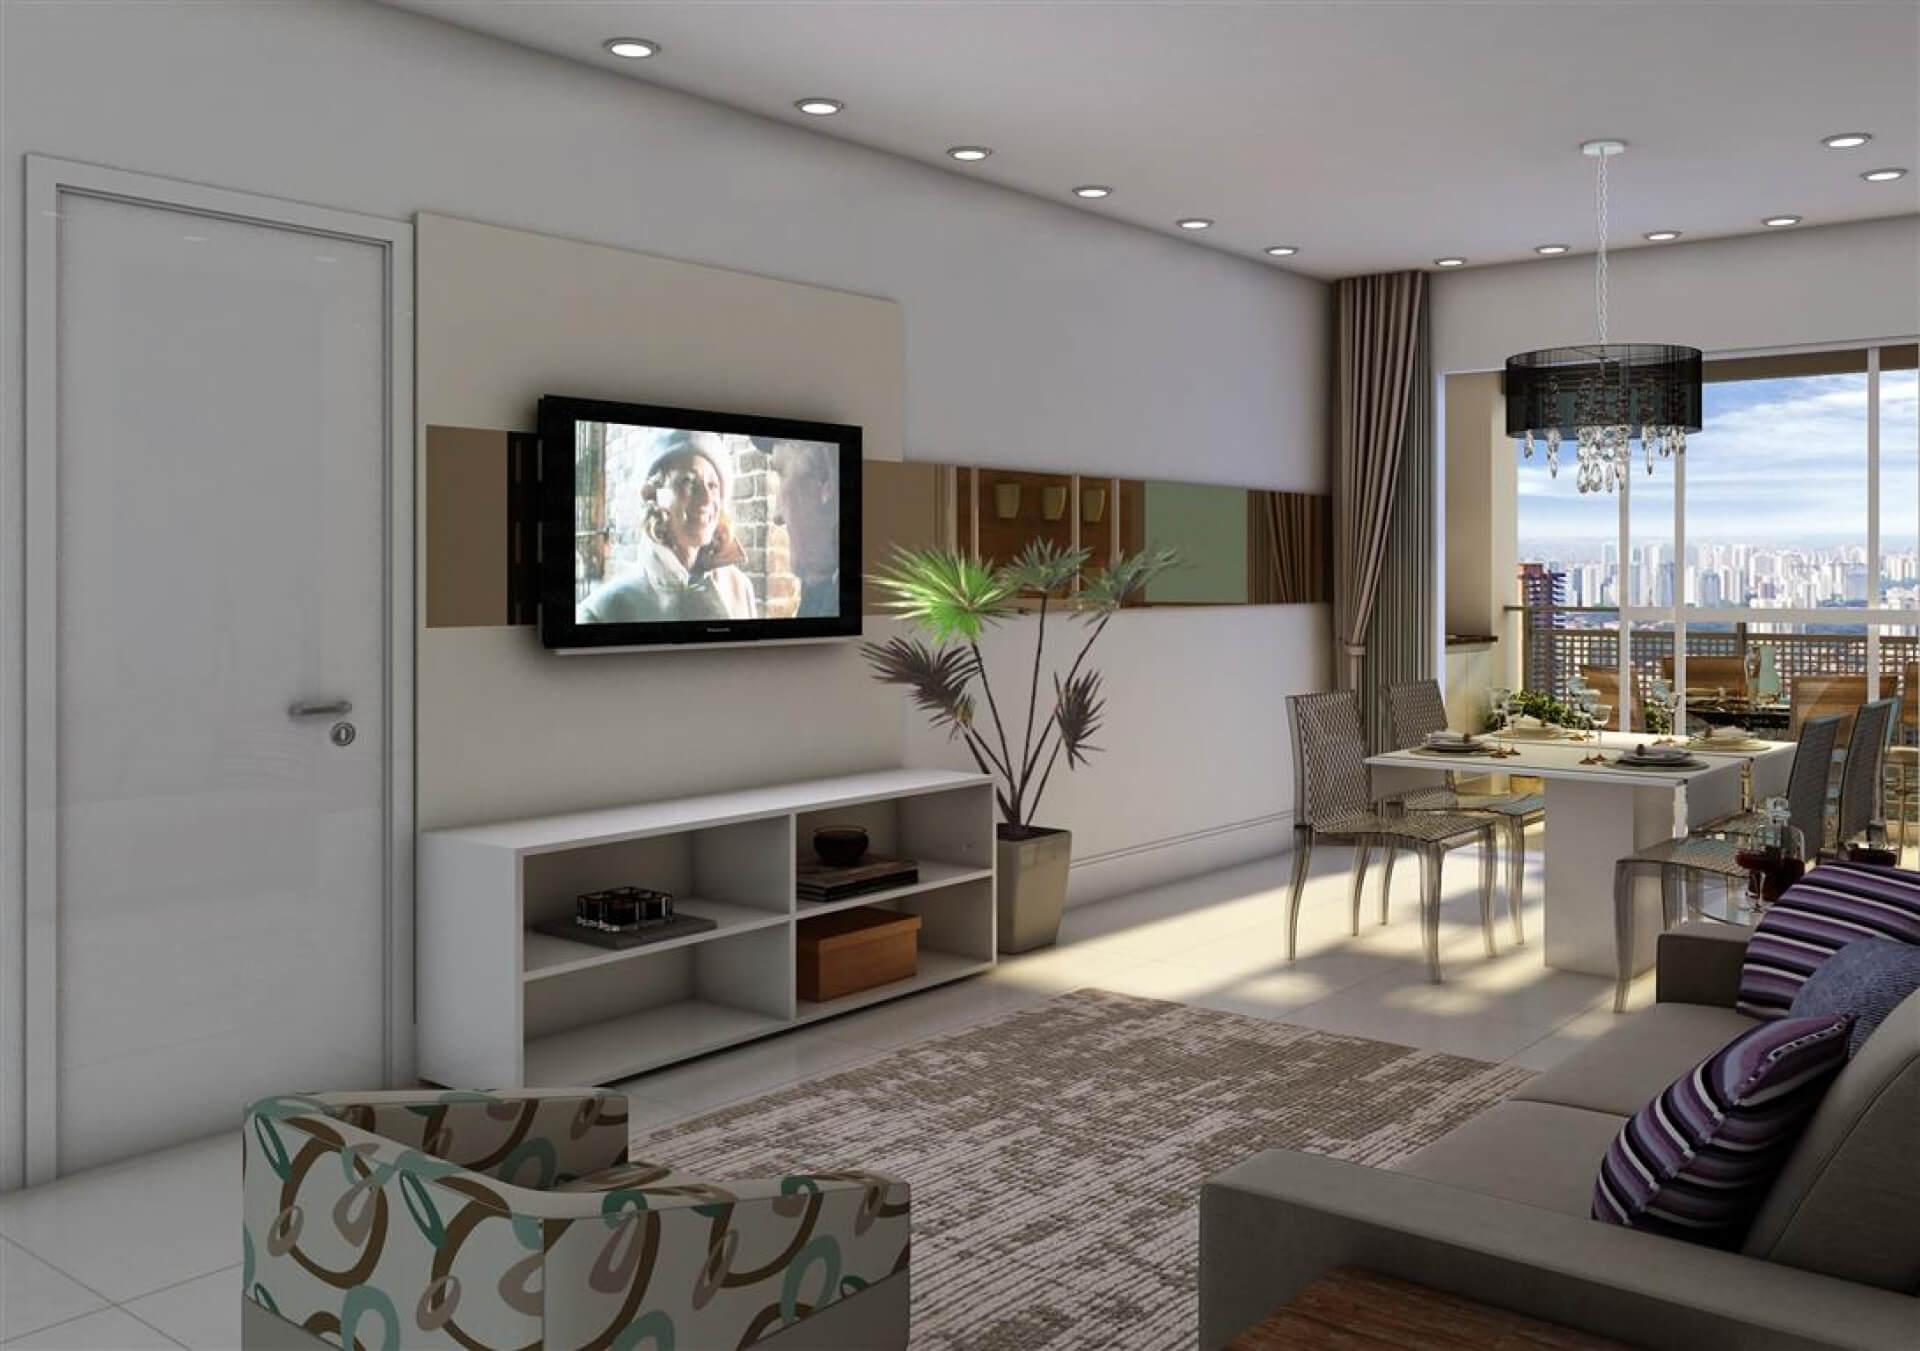 LIVING do apto de 58 m² com salas de jantar e estar integradas, proporcionando um confortável ambiente social para o dia a dia da família e também para receber convidados.